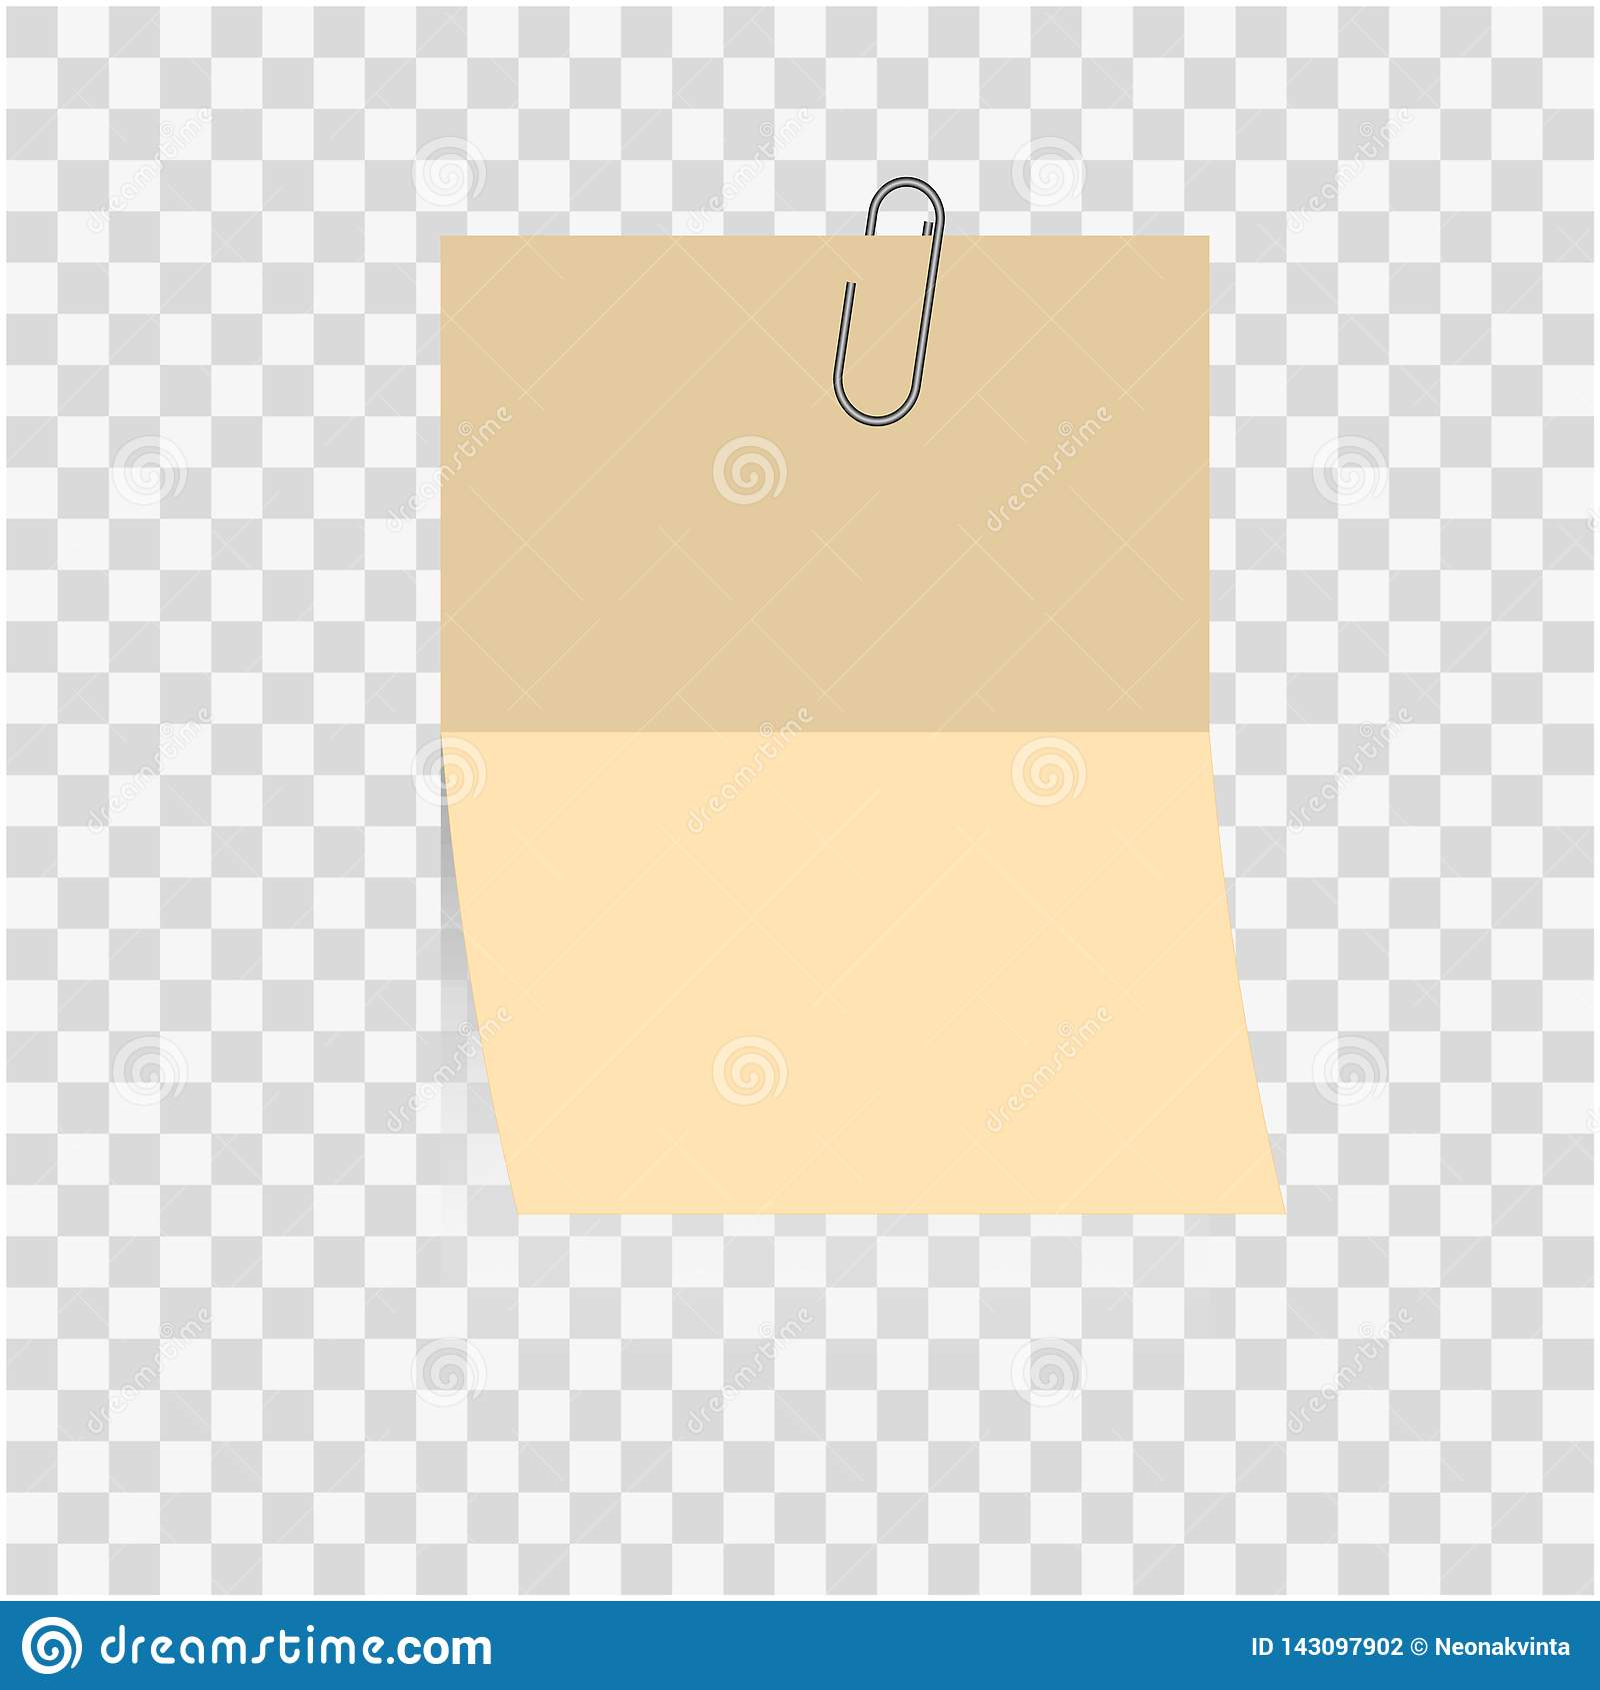 Φωτεινό πλαίσιο ή ραβδί σημειώσεων εγγράφου κενό στο σφραγισμένο συνδετήρα εγγράφου αρχείων που απομονώνεται στο υπόβαθρο